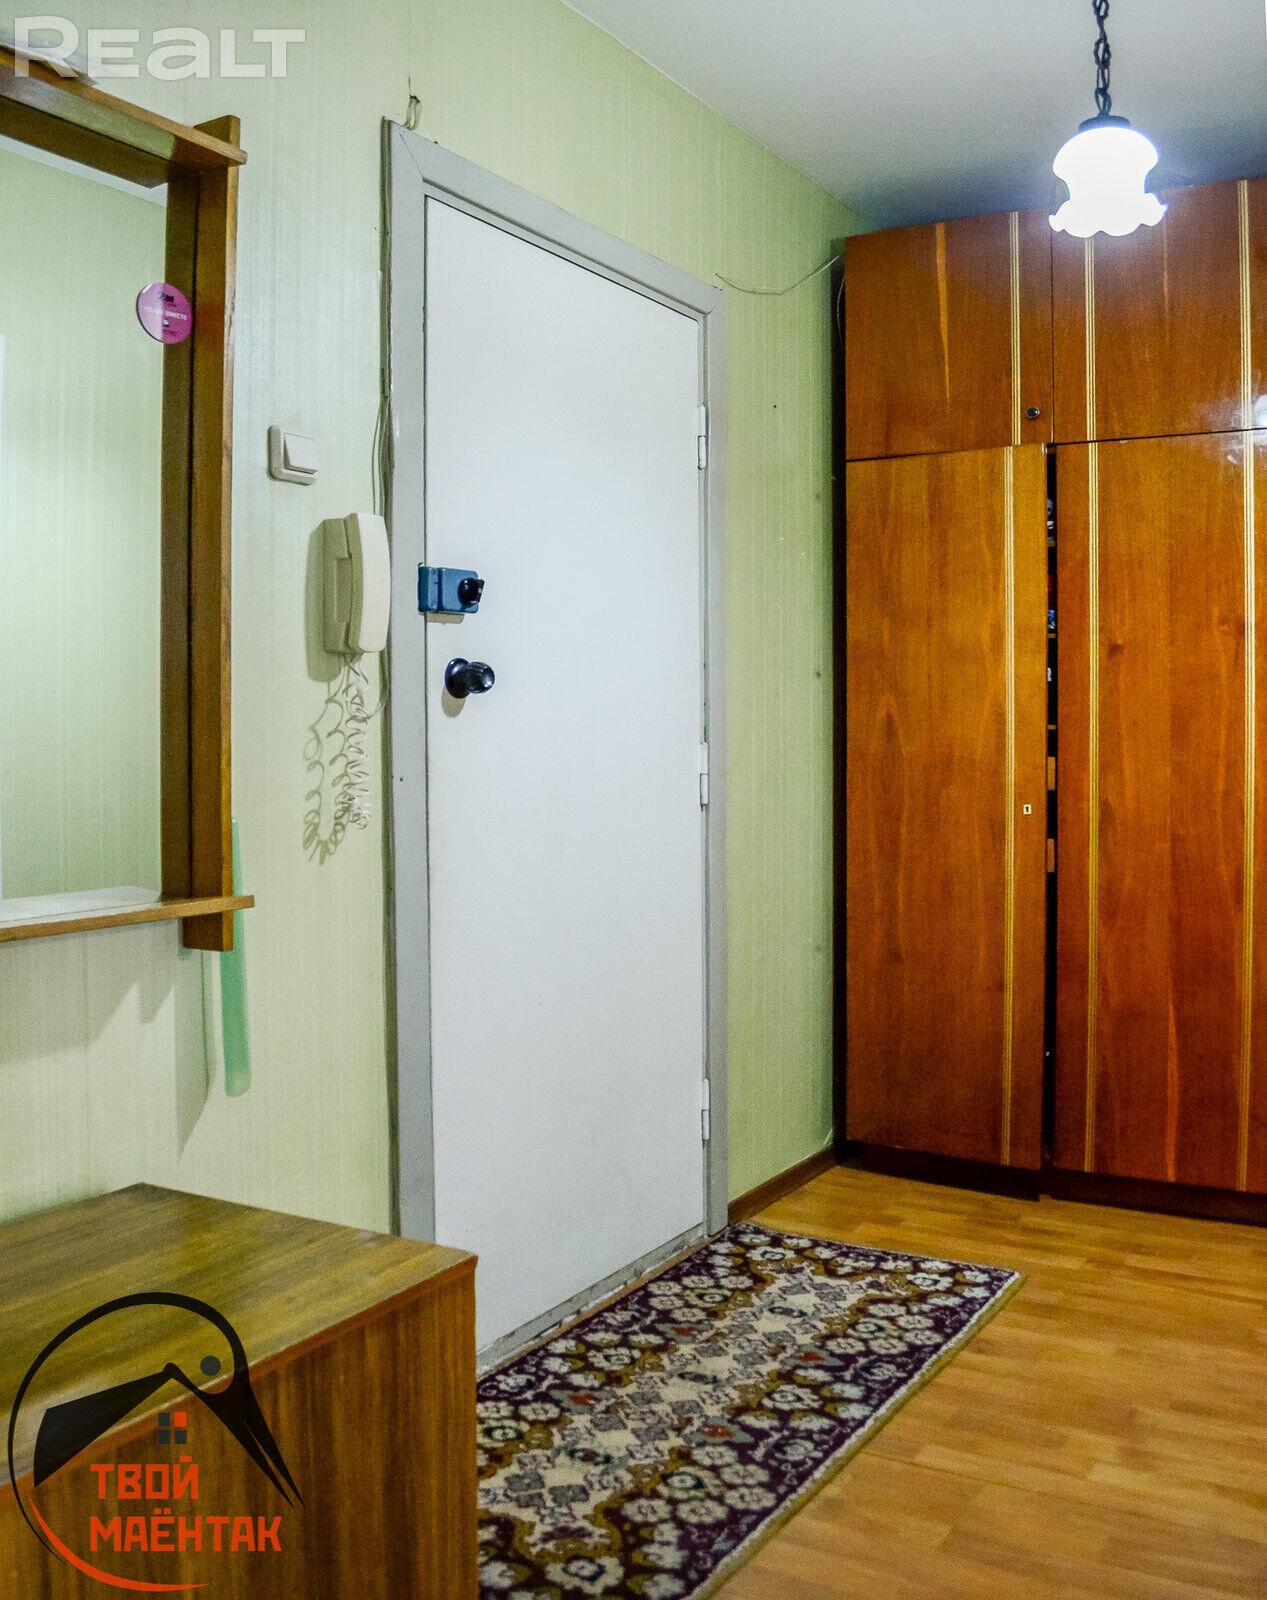 Продается 1 комнатная квартира, ул. Лучины д.46 - фото №17